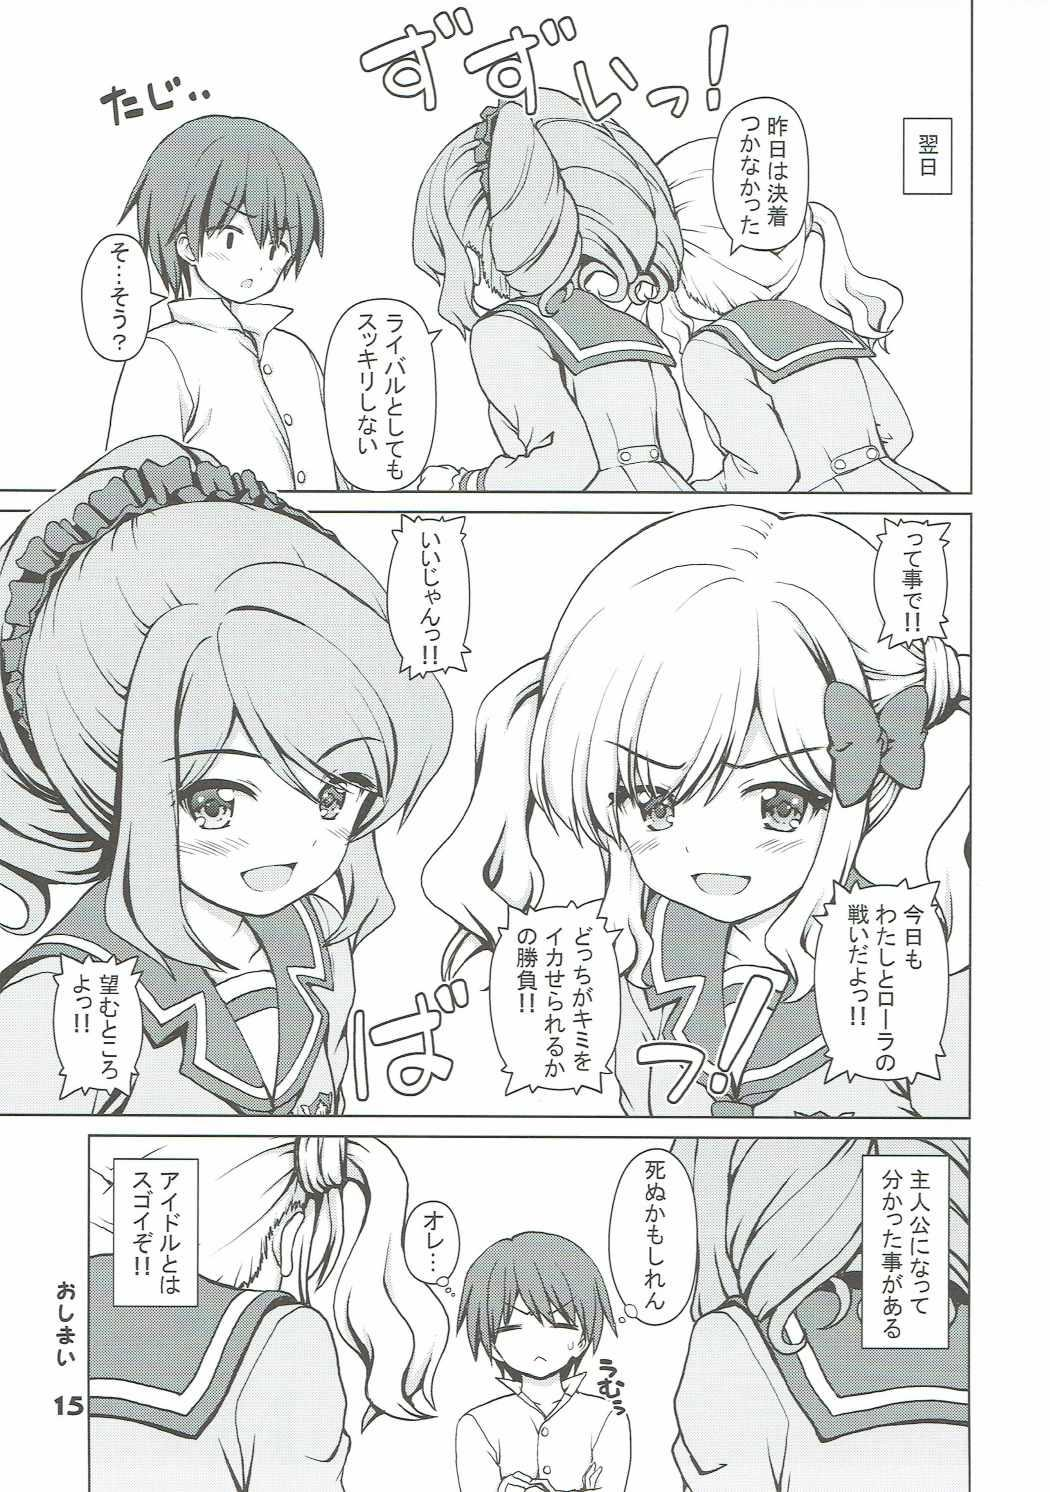 Sentakushi wa 1-tsu ja Nai! 13